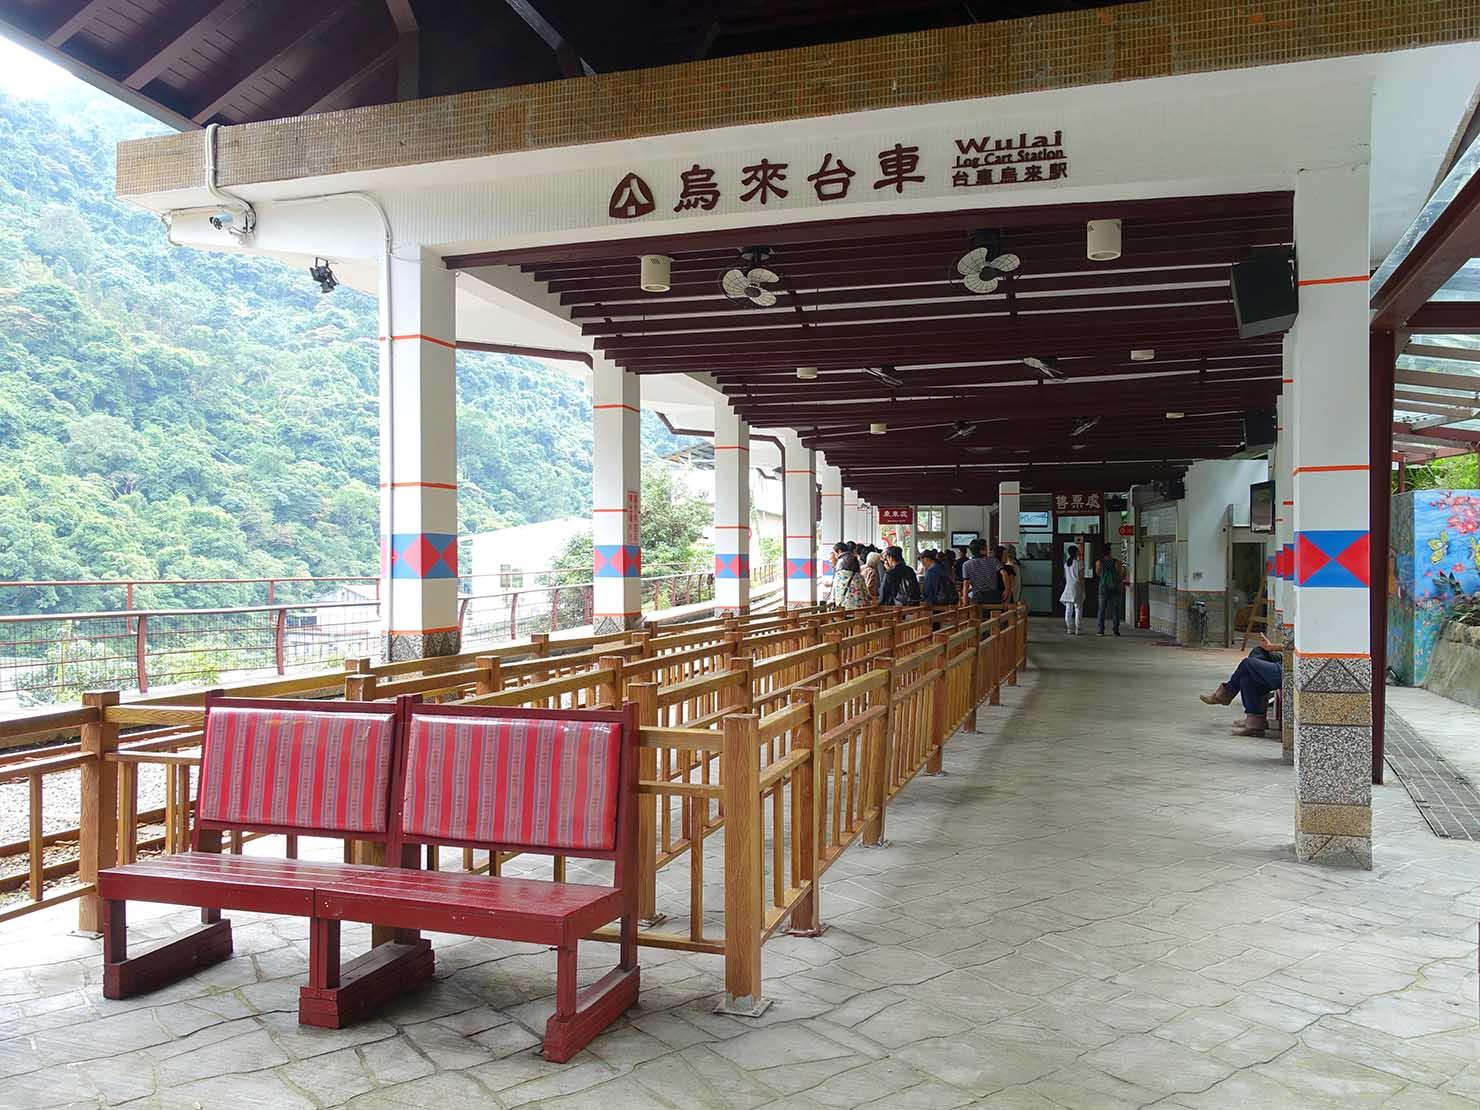 台北・烏來温泉のトロッコ列車乗り場